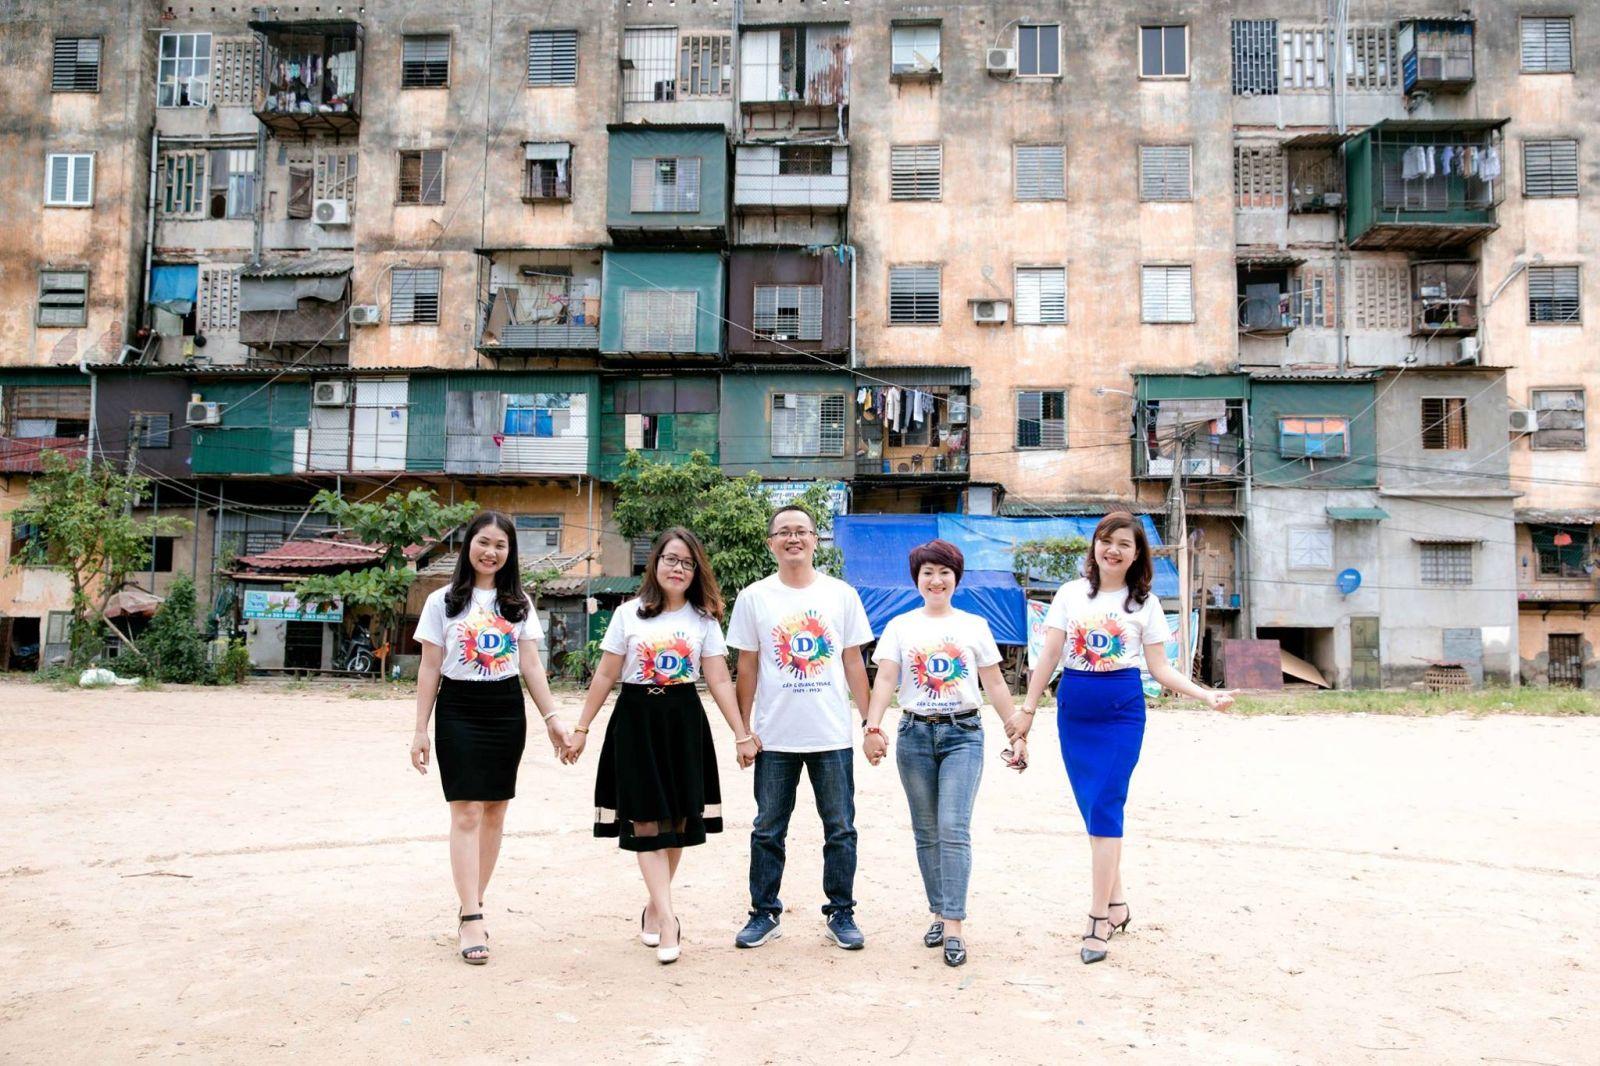 Một góc khu nhà B (chung cư Quang Trung hiện nay) và những đứa trẻ ngày xưa (nhân vật cung cấp)